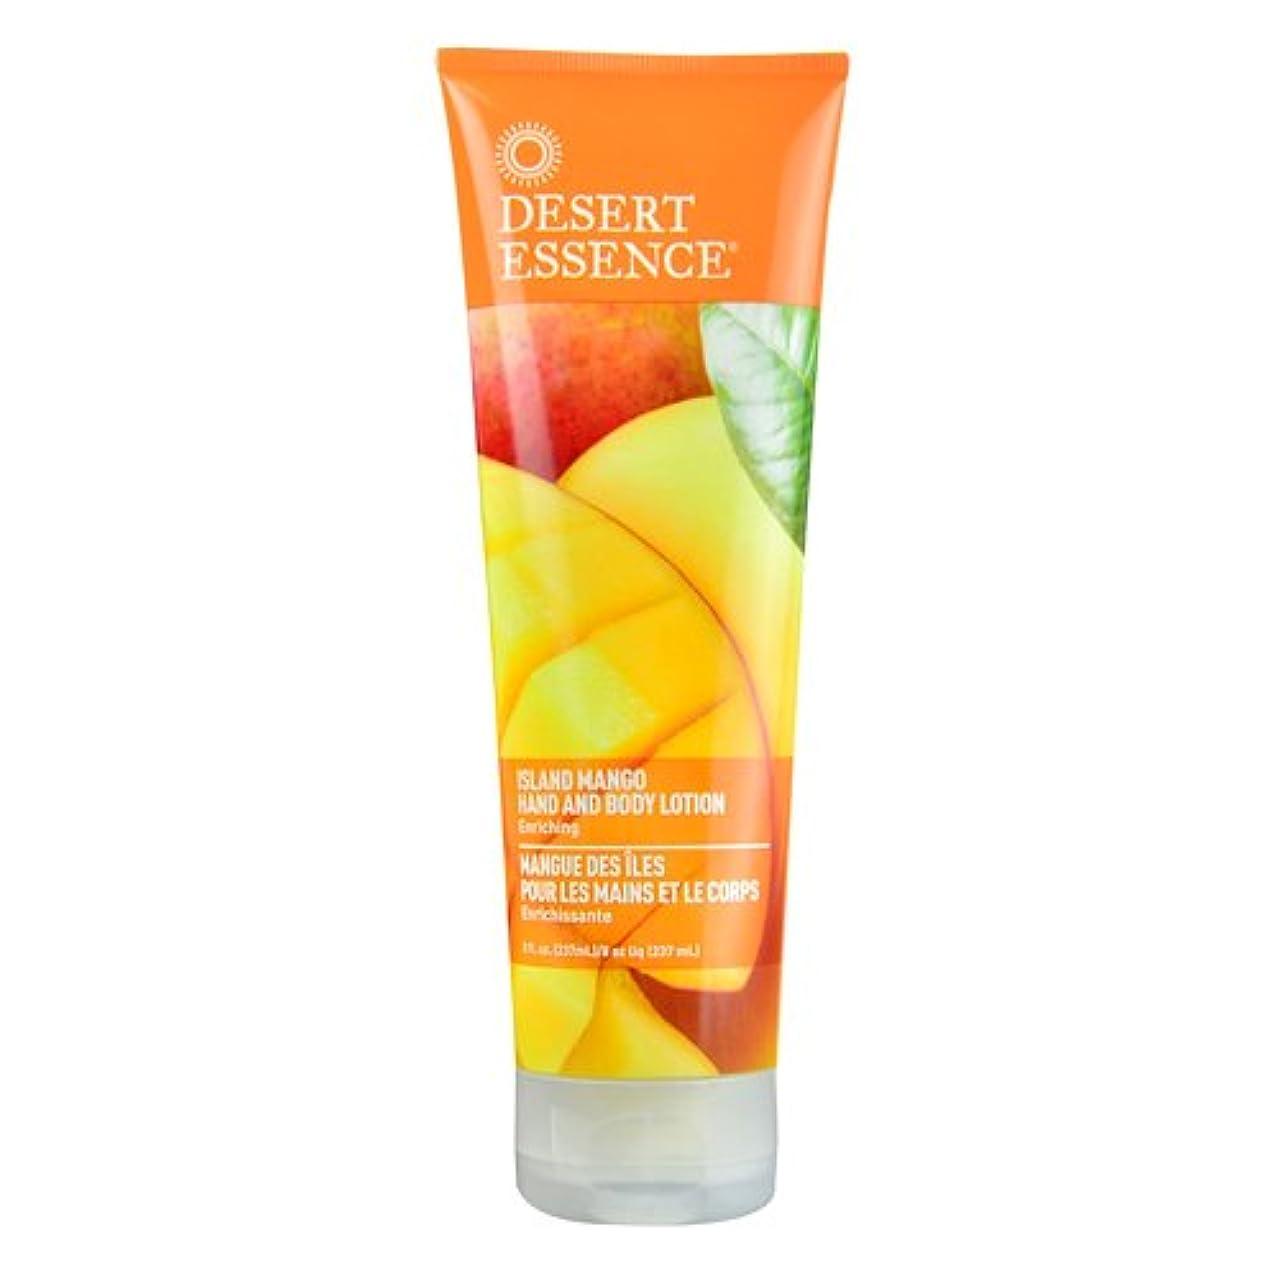 攻撃的ハウジング吐き出すDesert Essence, Hand and Body Lotion, Island Mango, 8 fl oz (237 ml)